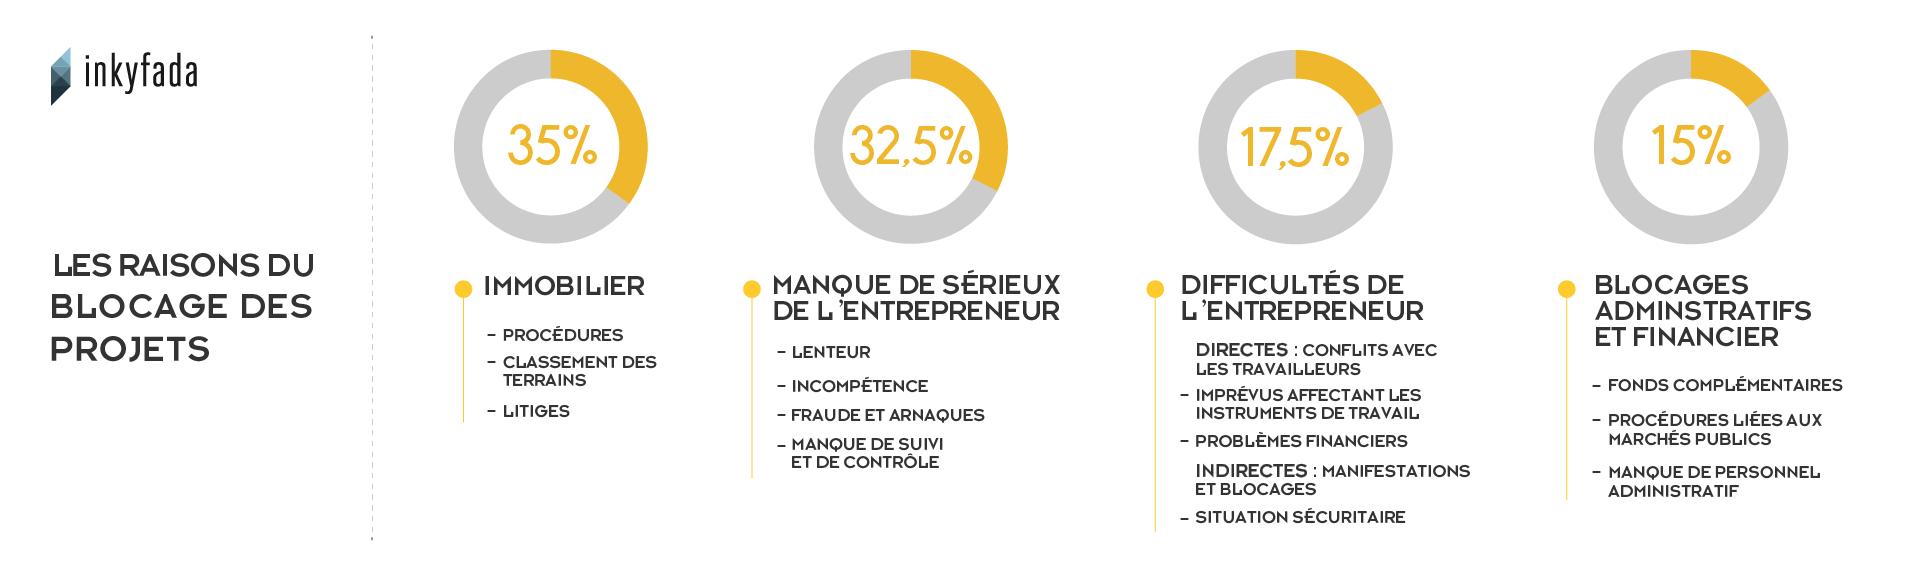 kasserine-infographie-3-bis-fr-inkyfada